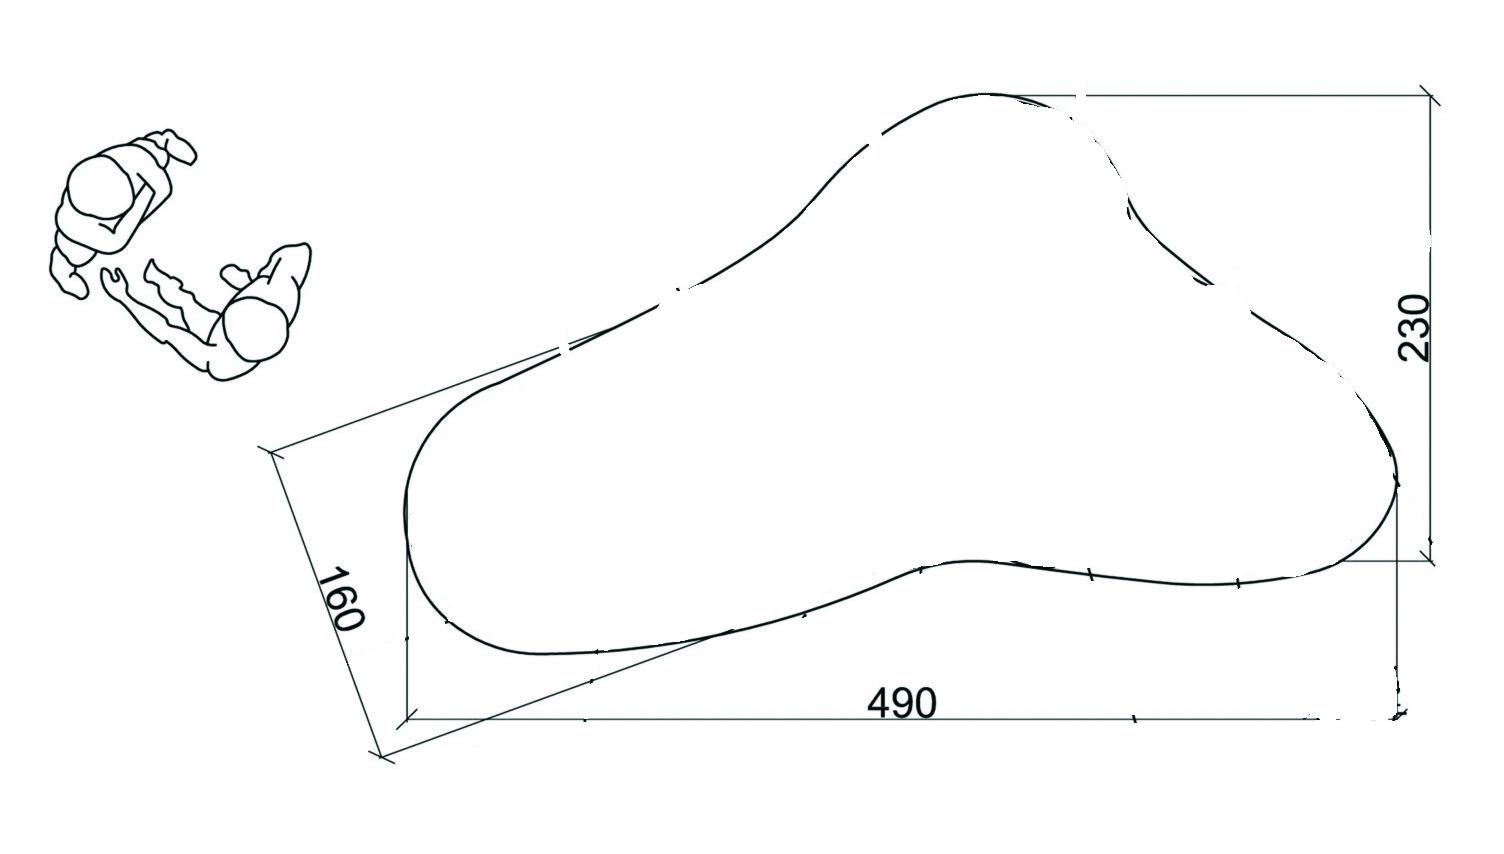 Wymiary i kształt rabaty paprociowej